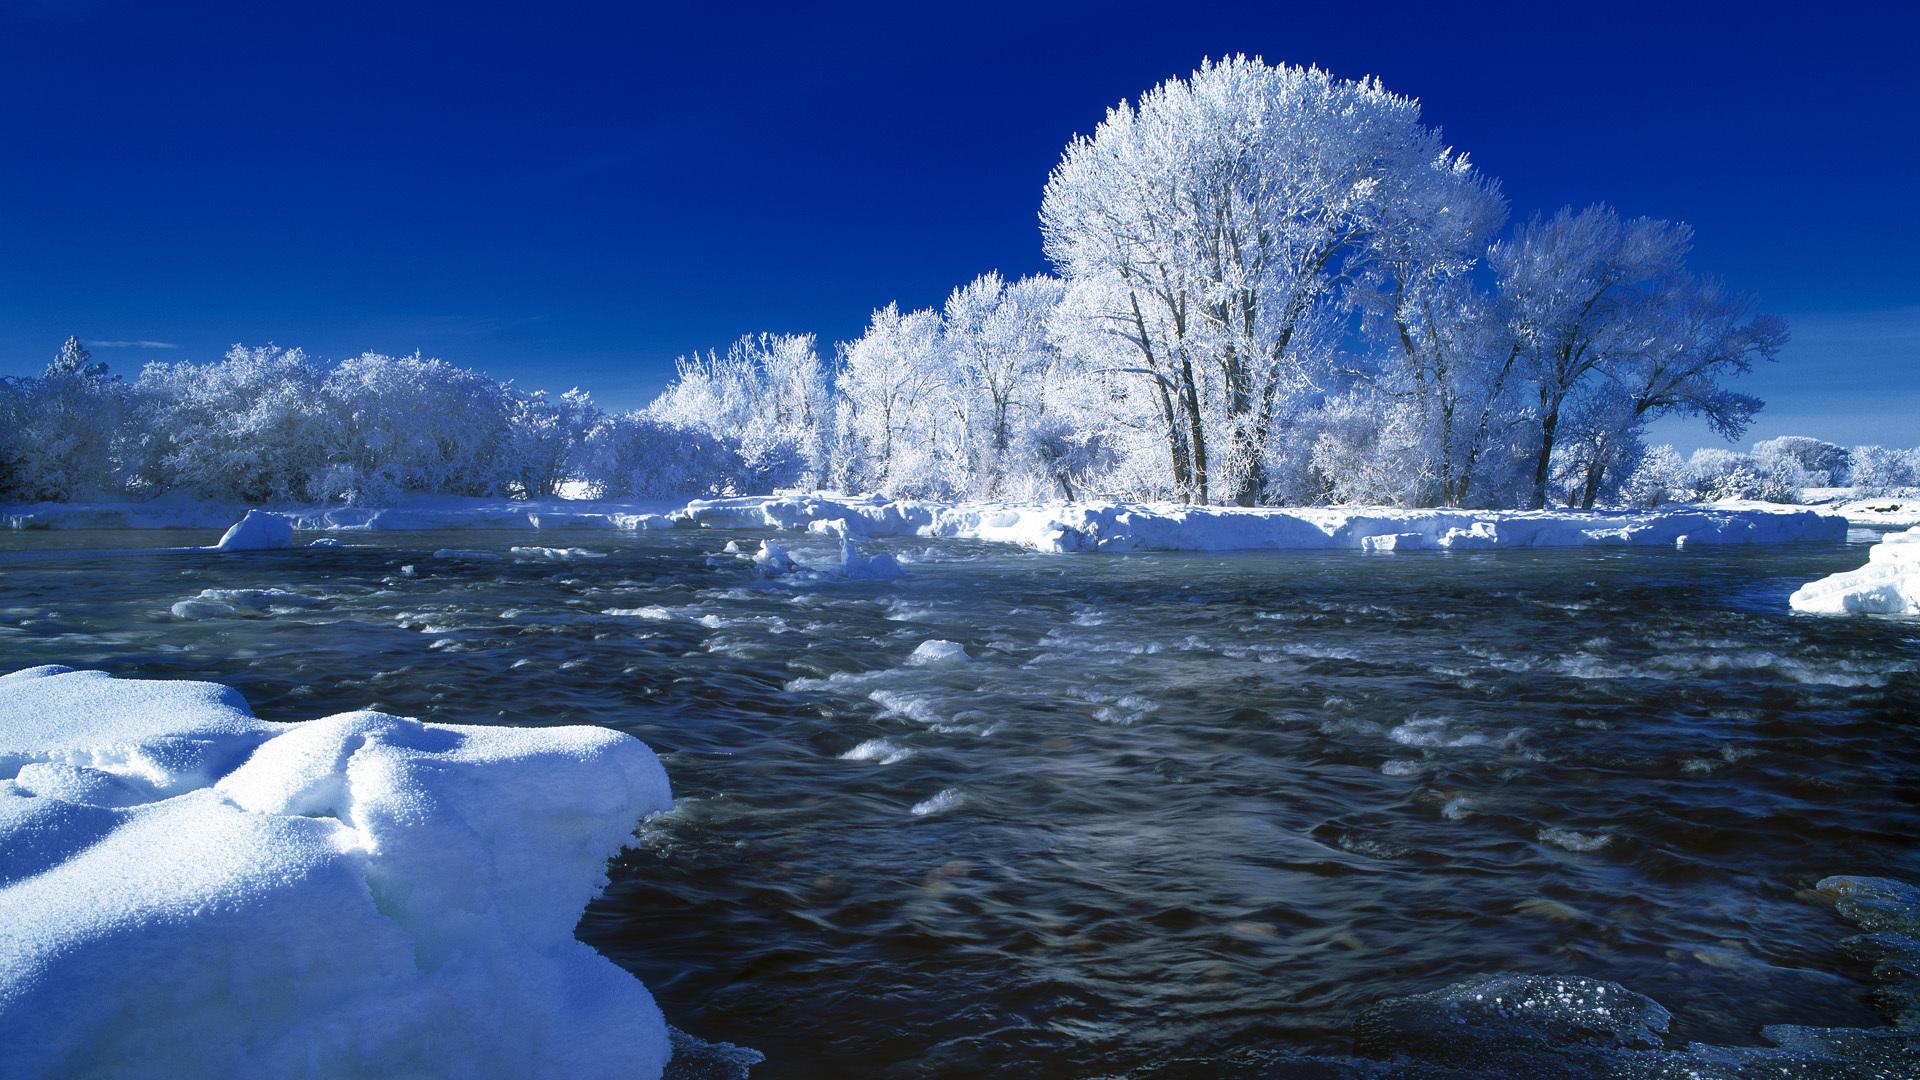 Fine Art Wallpaper Px, - Great Smoky Mountain Scene Winter - HD Wallpaper